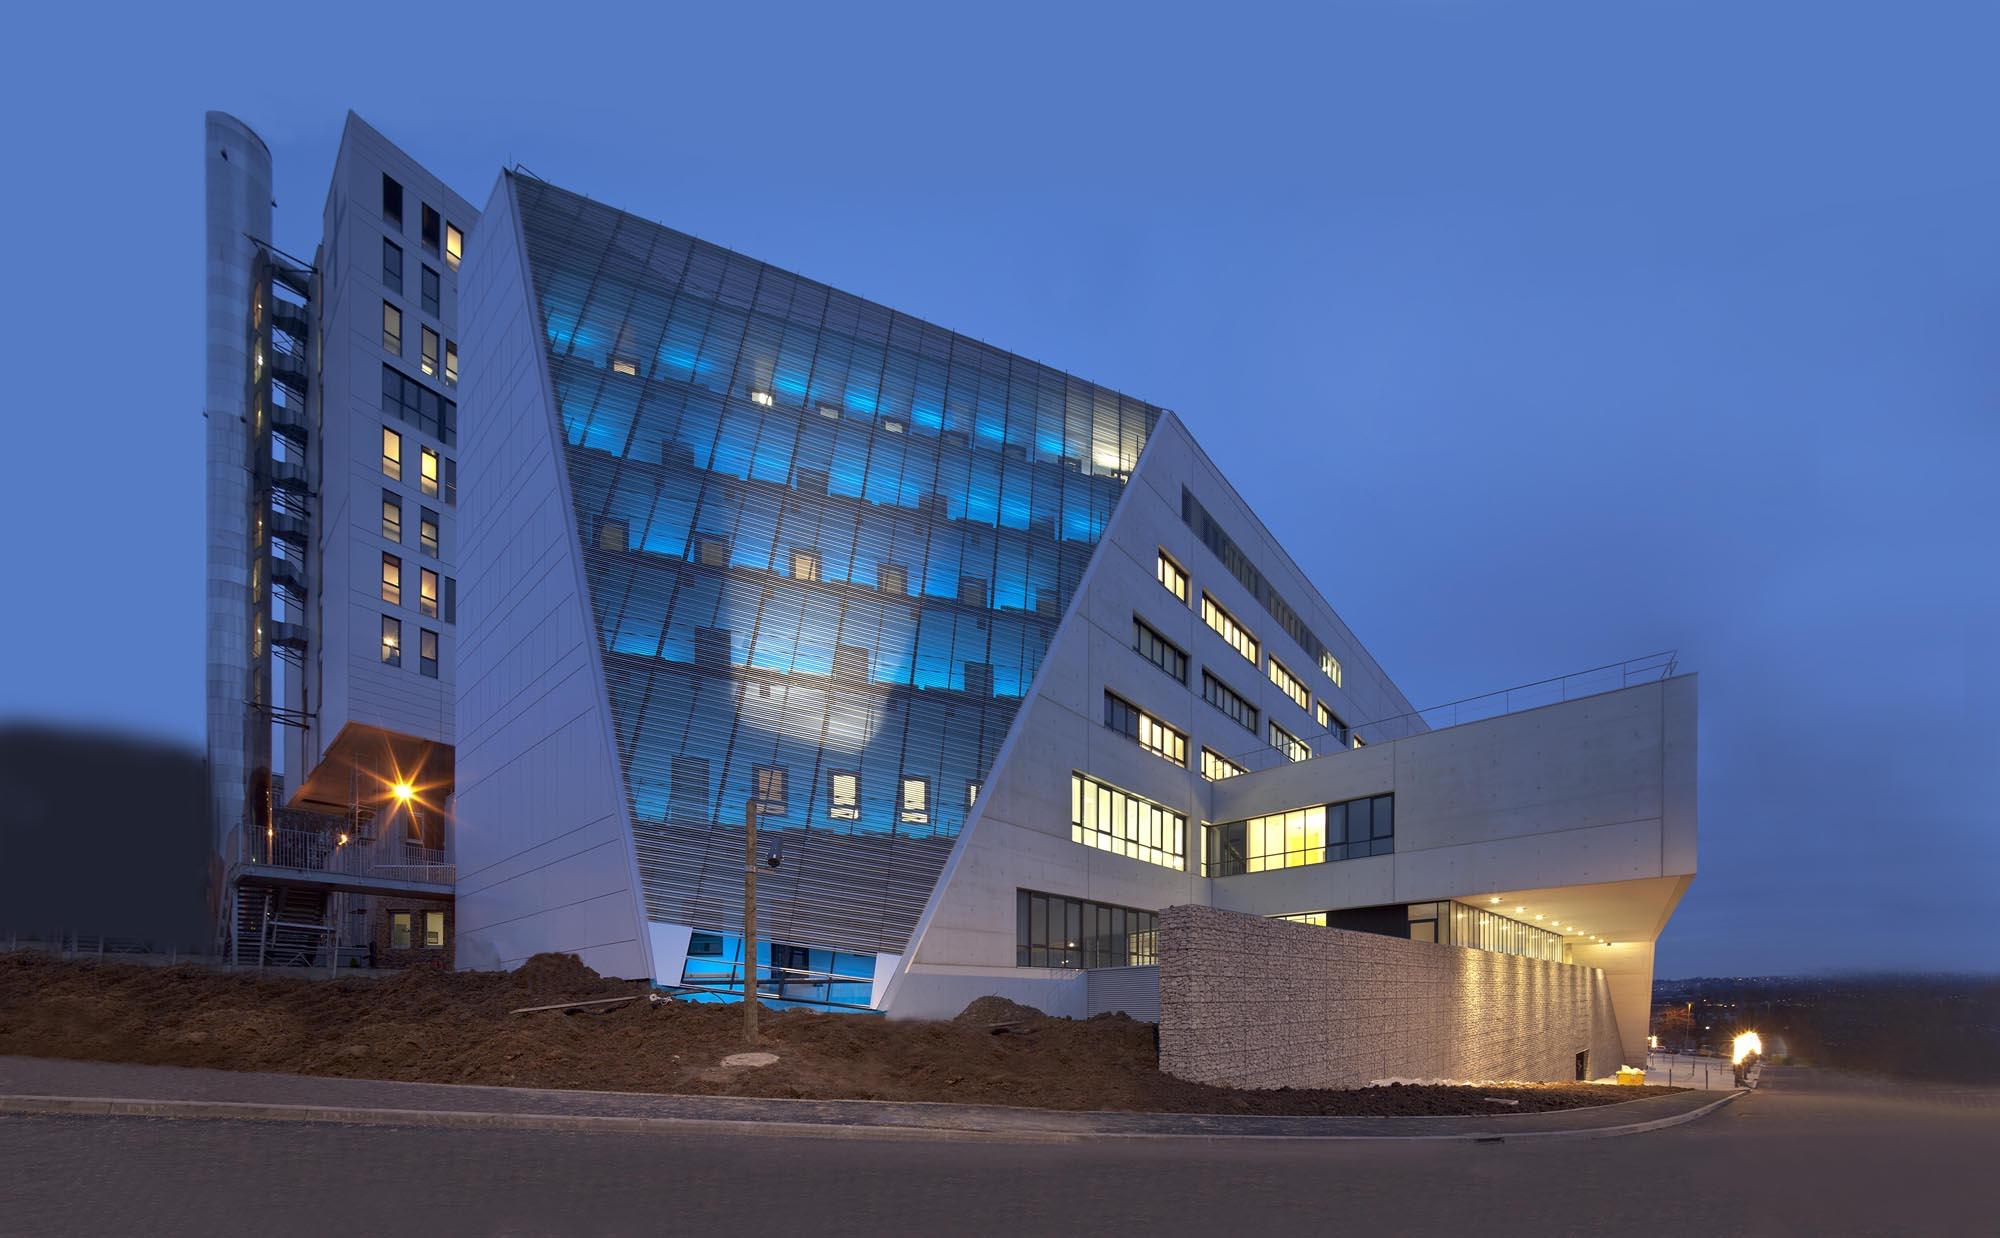 Centre Hospitalier de Villeneuve St Georges